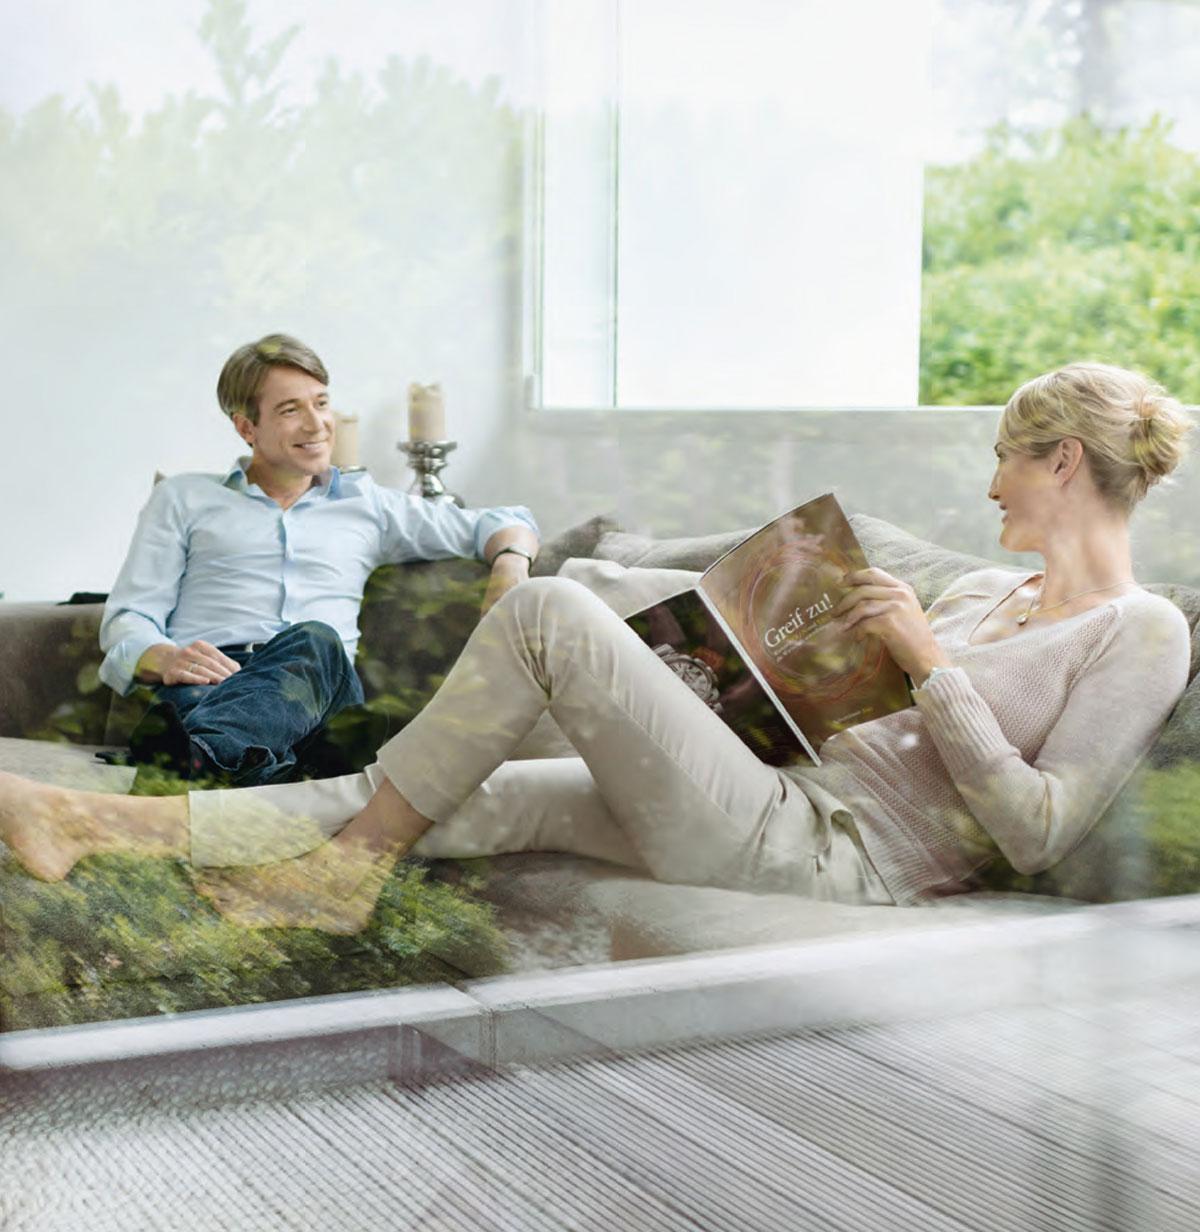 Bild durch Fenster wo Frau und Mann eine Unterhaltung auf Sofa führen